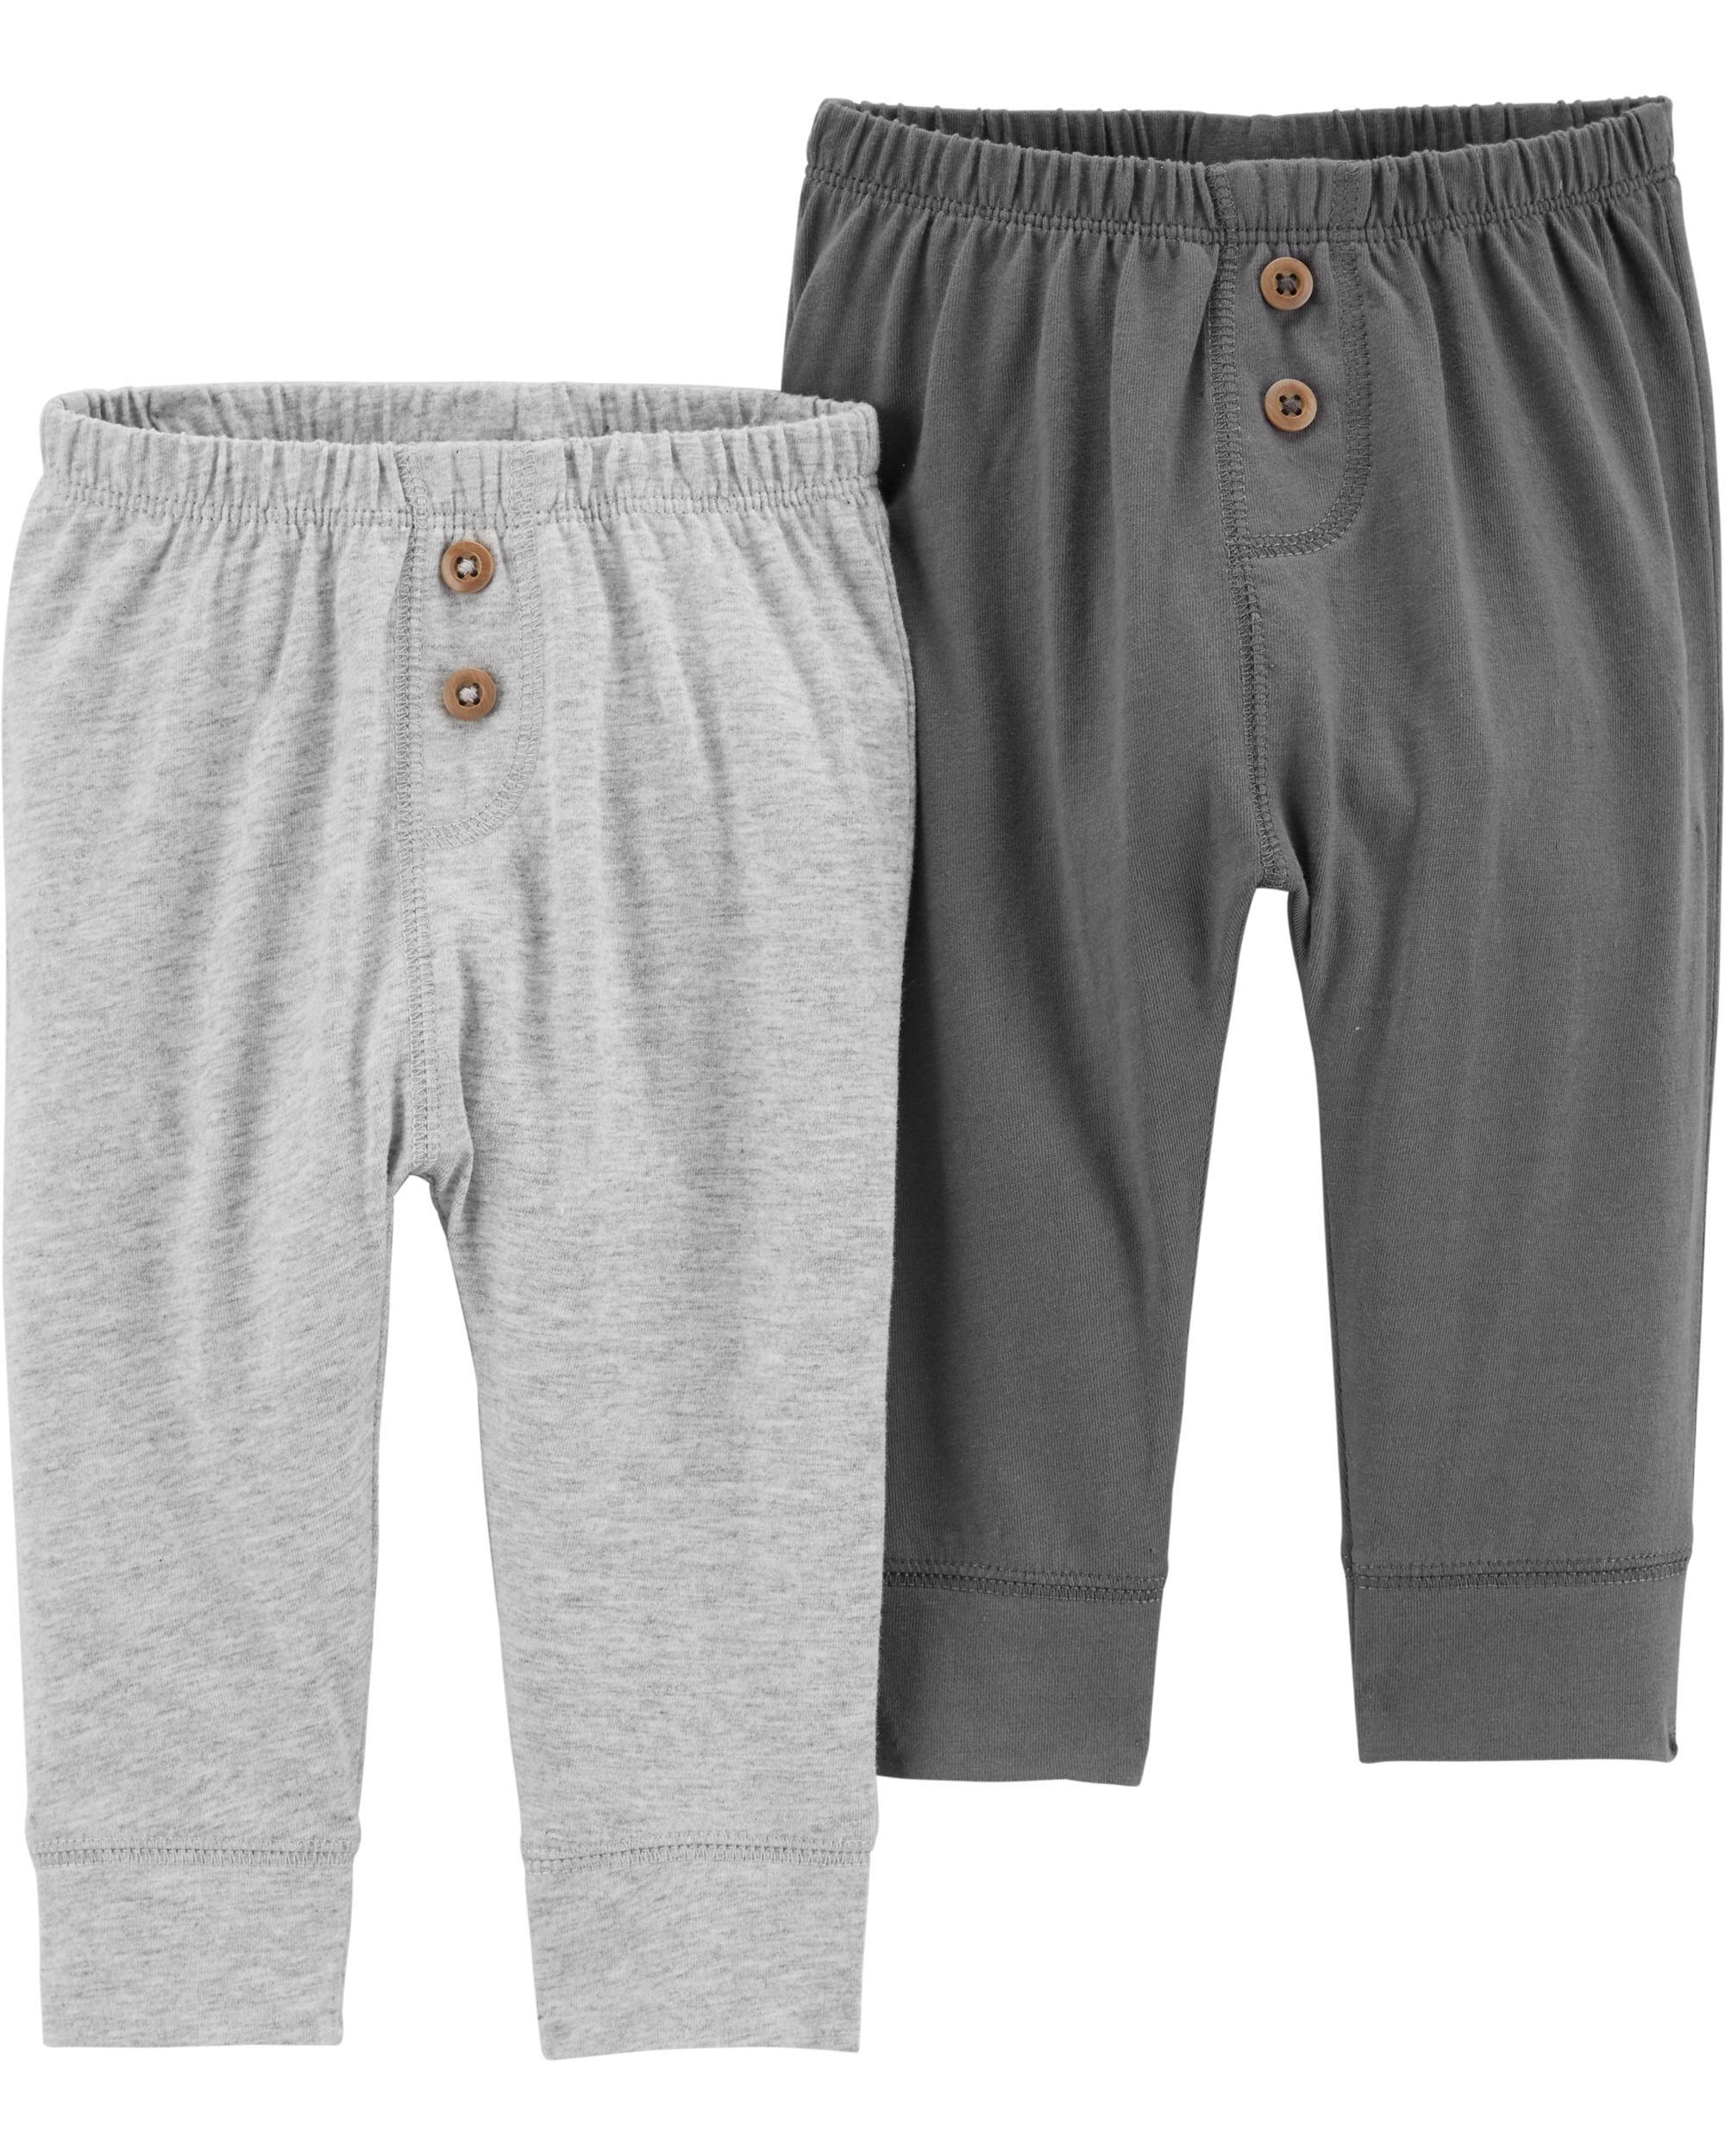 Carters Boys 2T-8 2 Pack Warm Fleece Active Pants